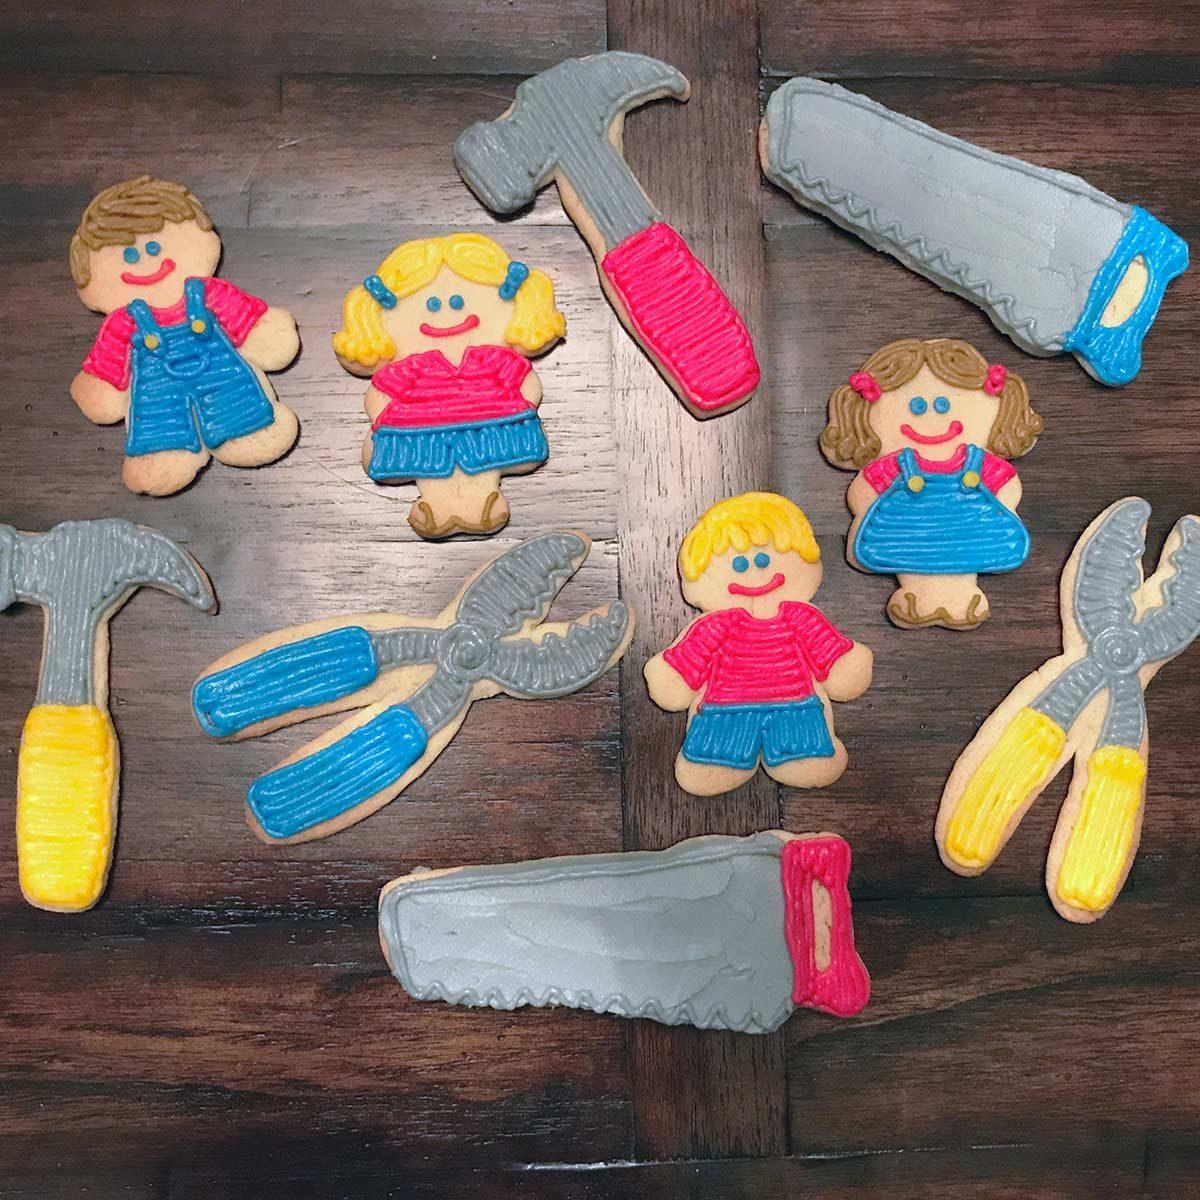 handyman cookies and tool cookies